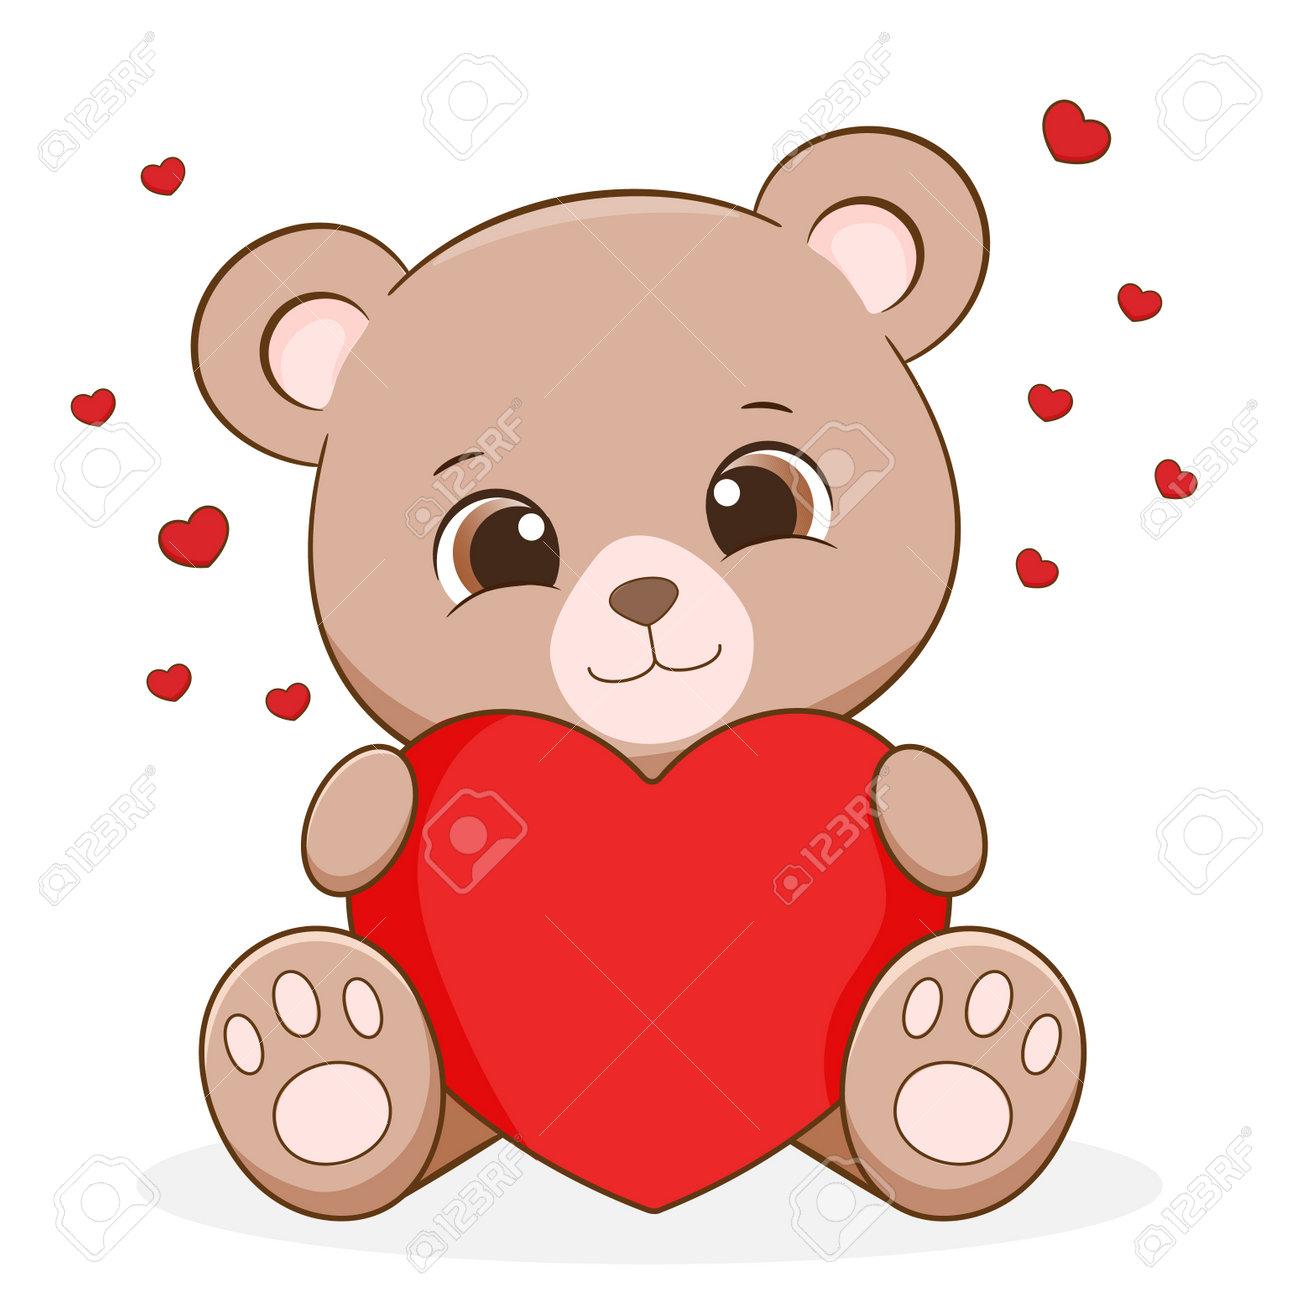 Cute Little Bear Holding Heart - 161247988